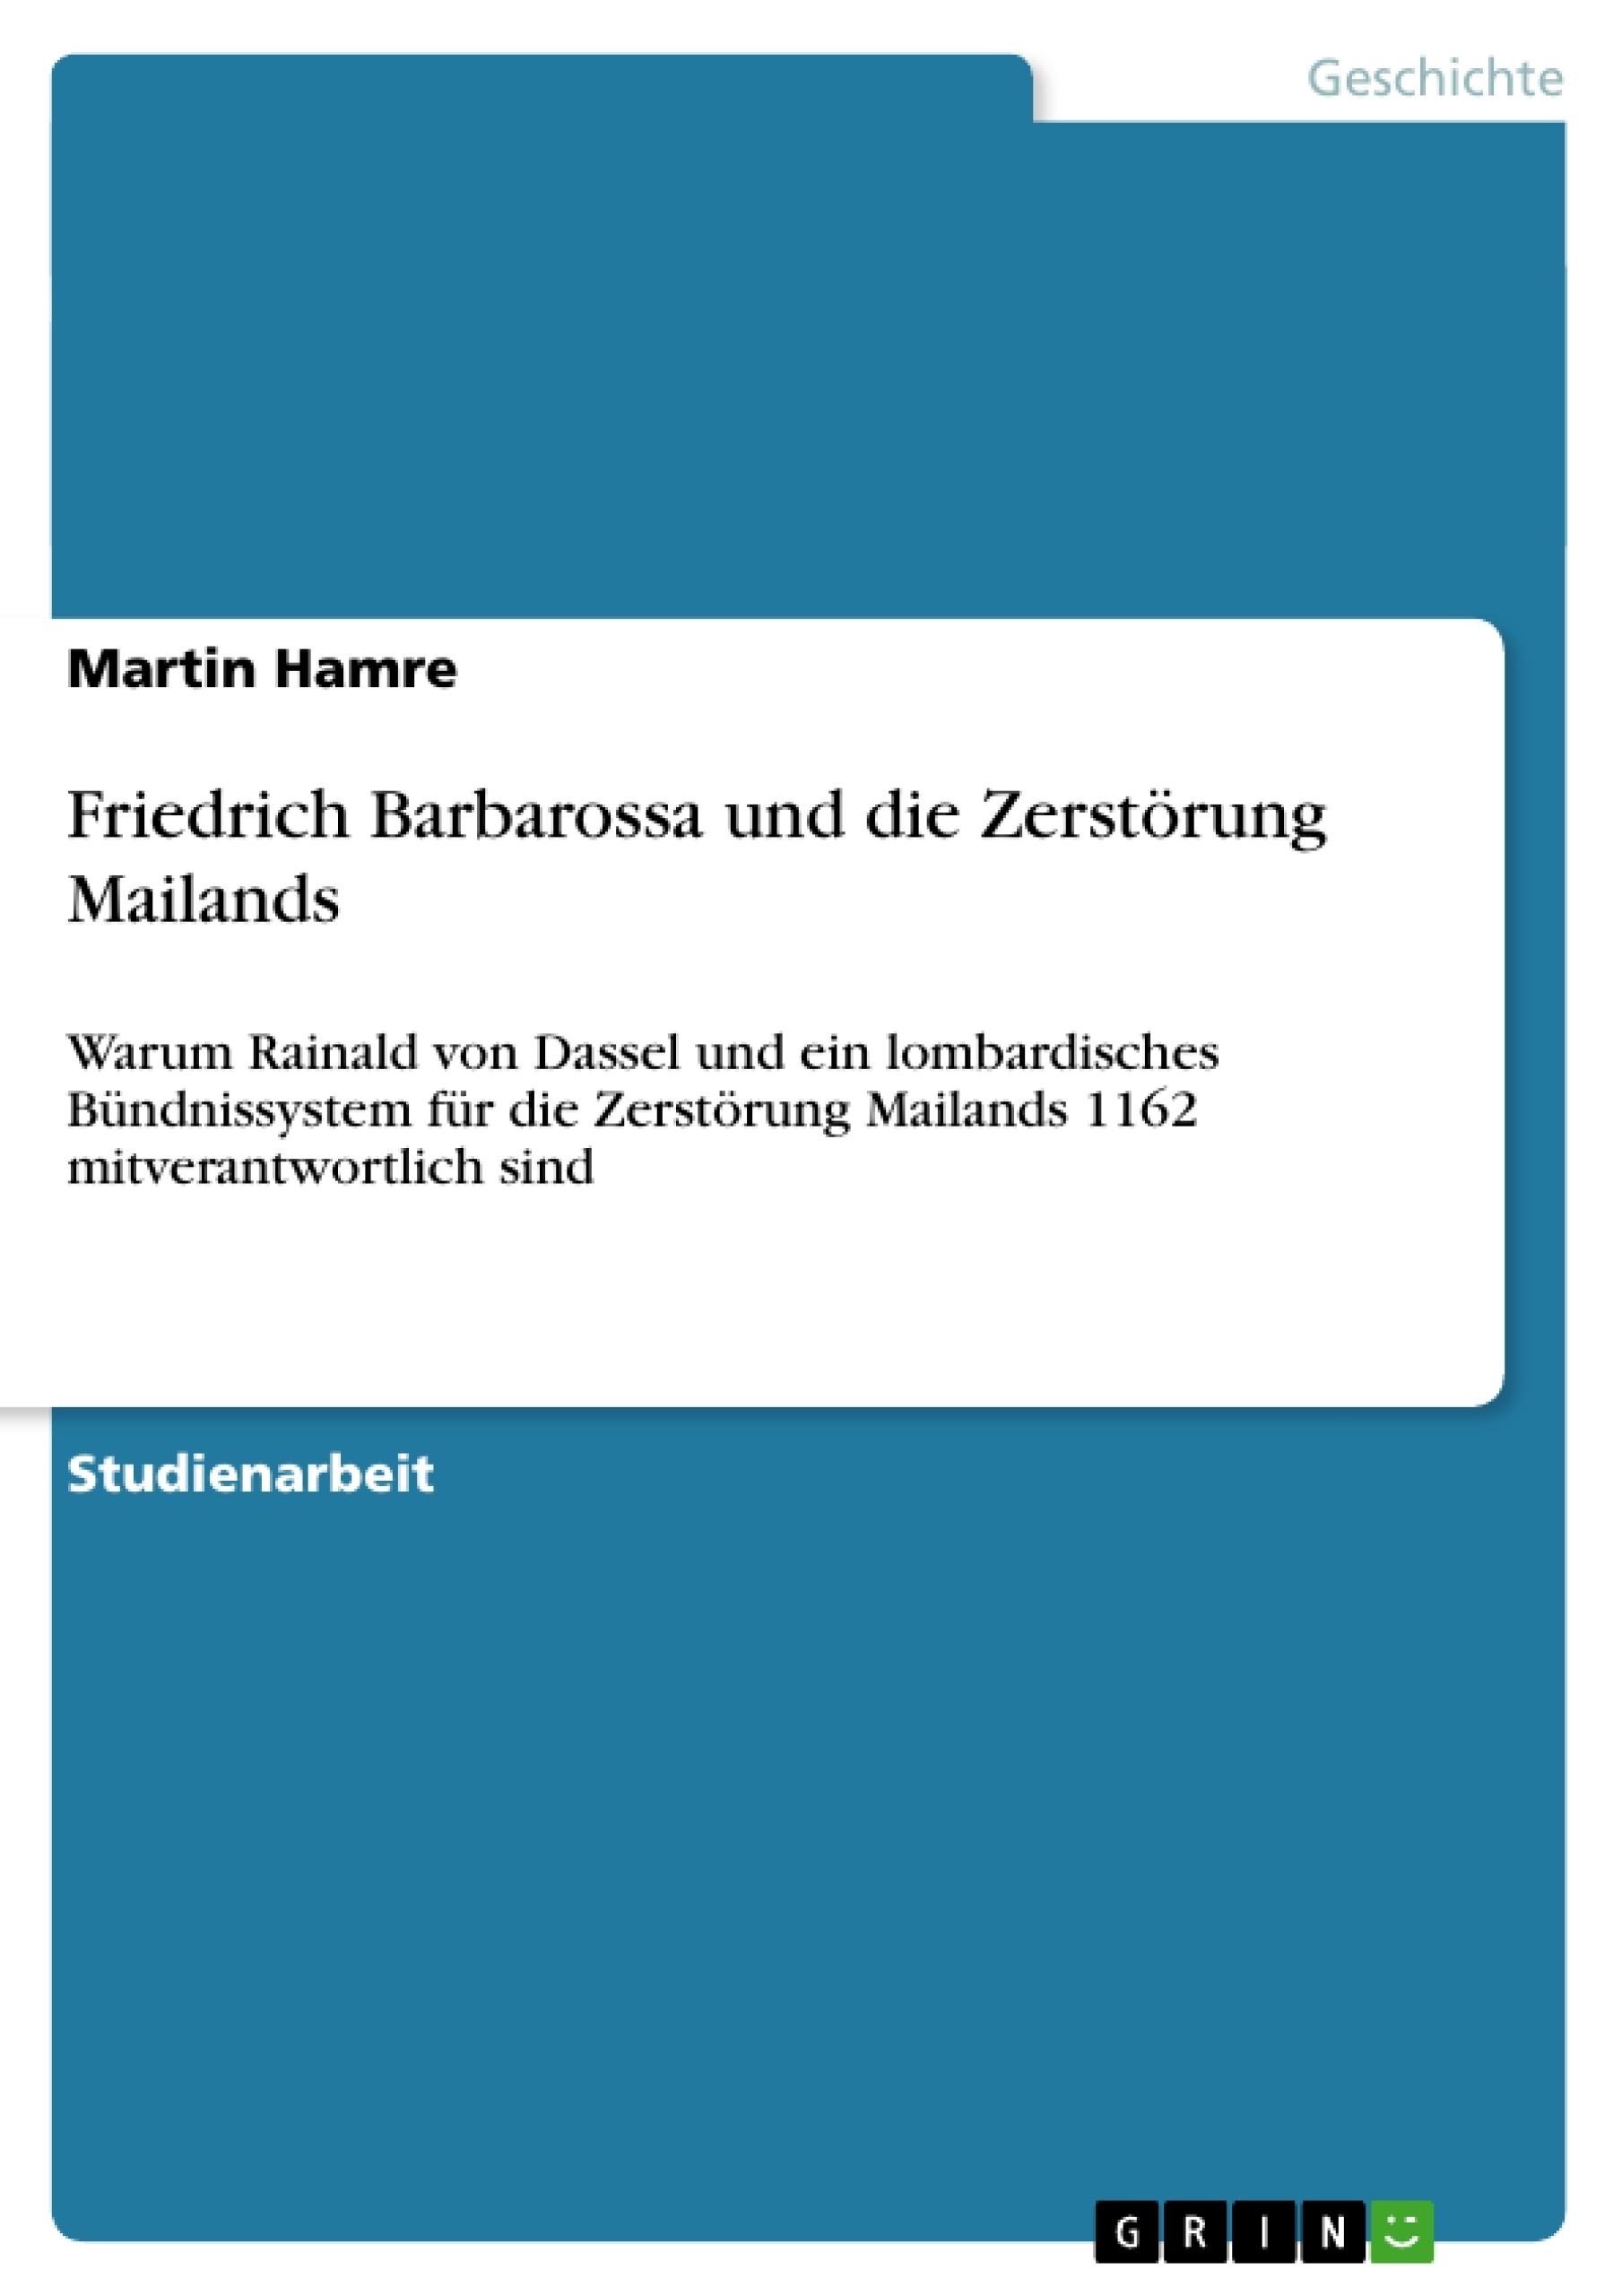 Titel: Friedrich Barbarossa und die Zerstörung Mailands